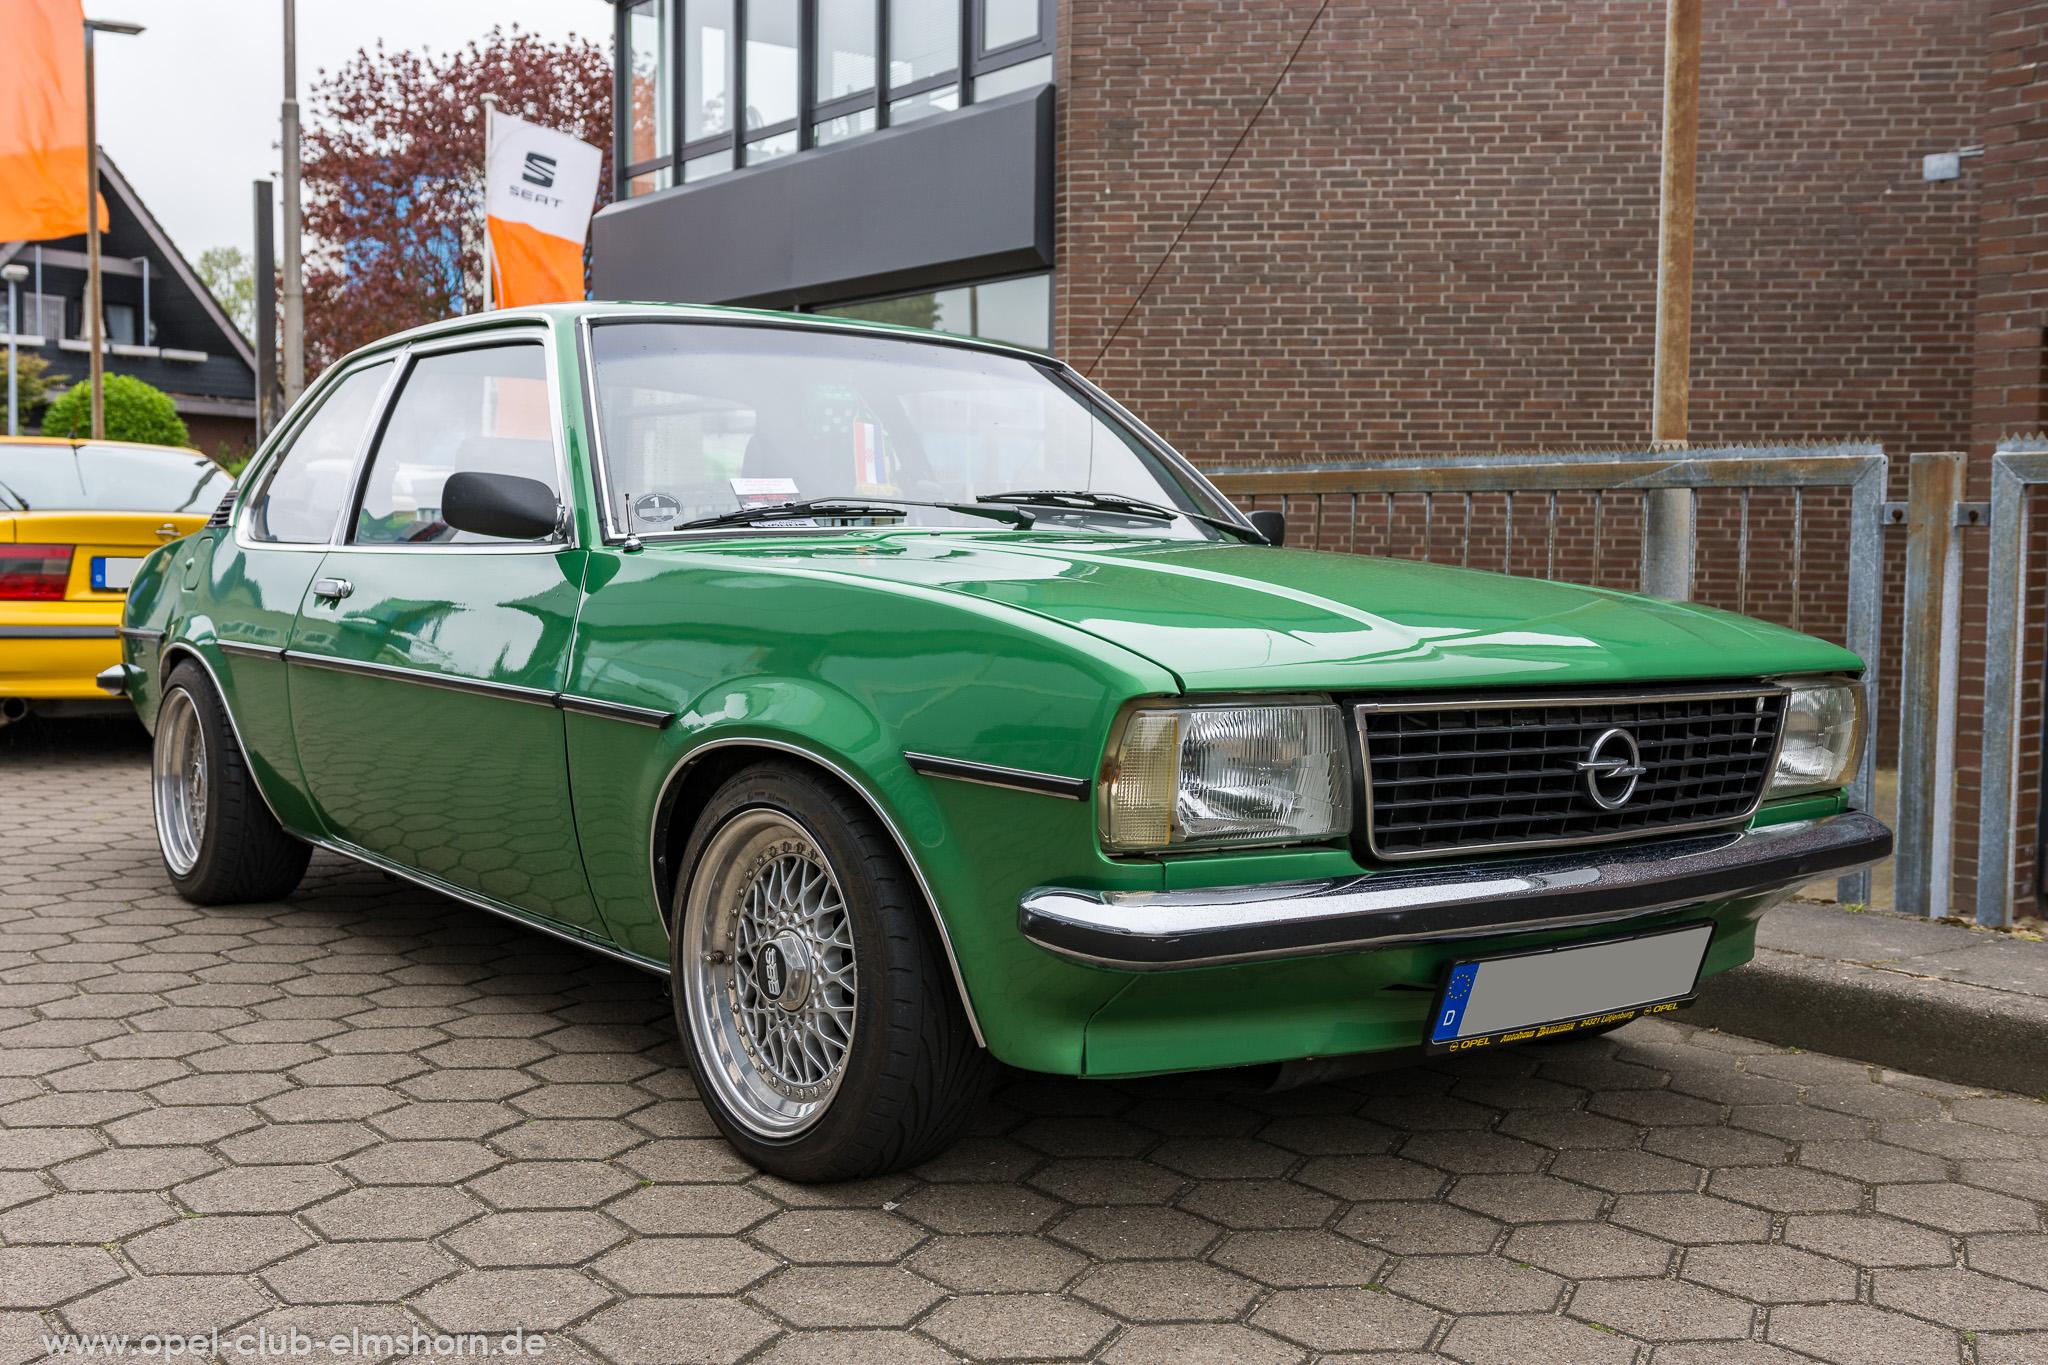 Altopeltreffen Wedel 2019 - 20190501_114244 - Opel Ascona B